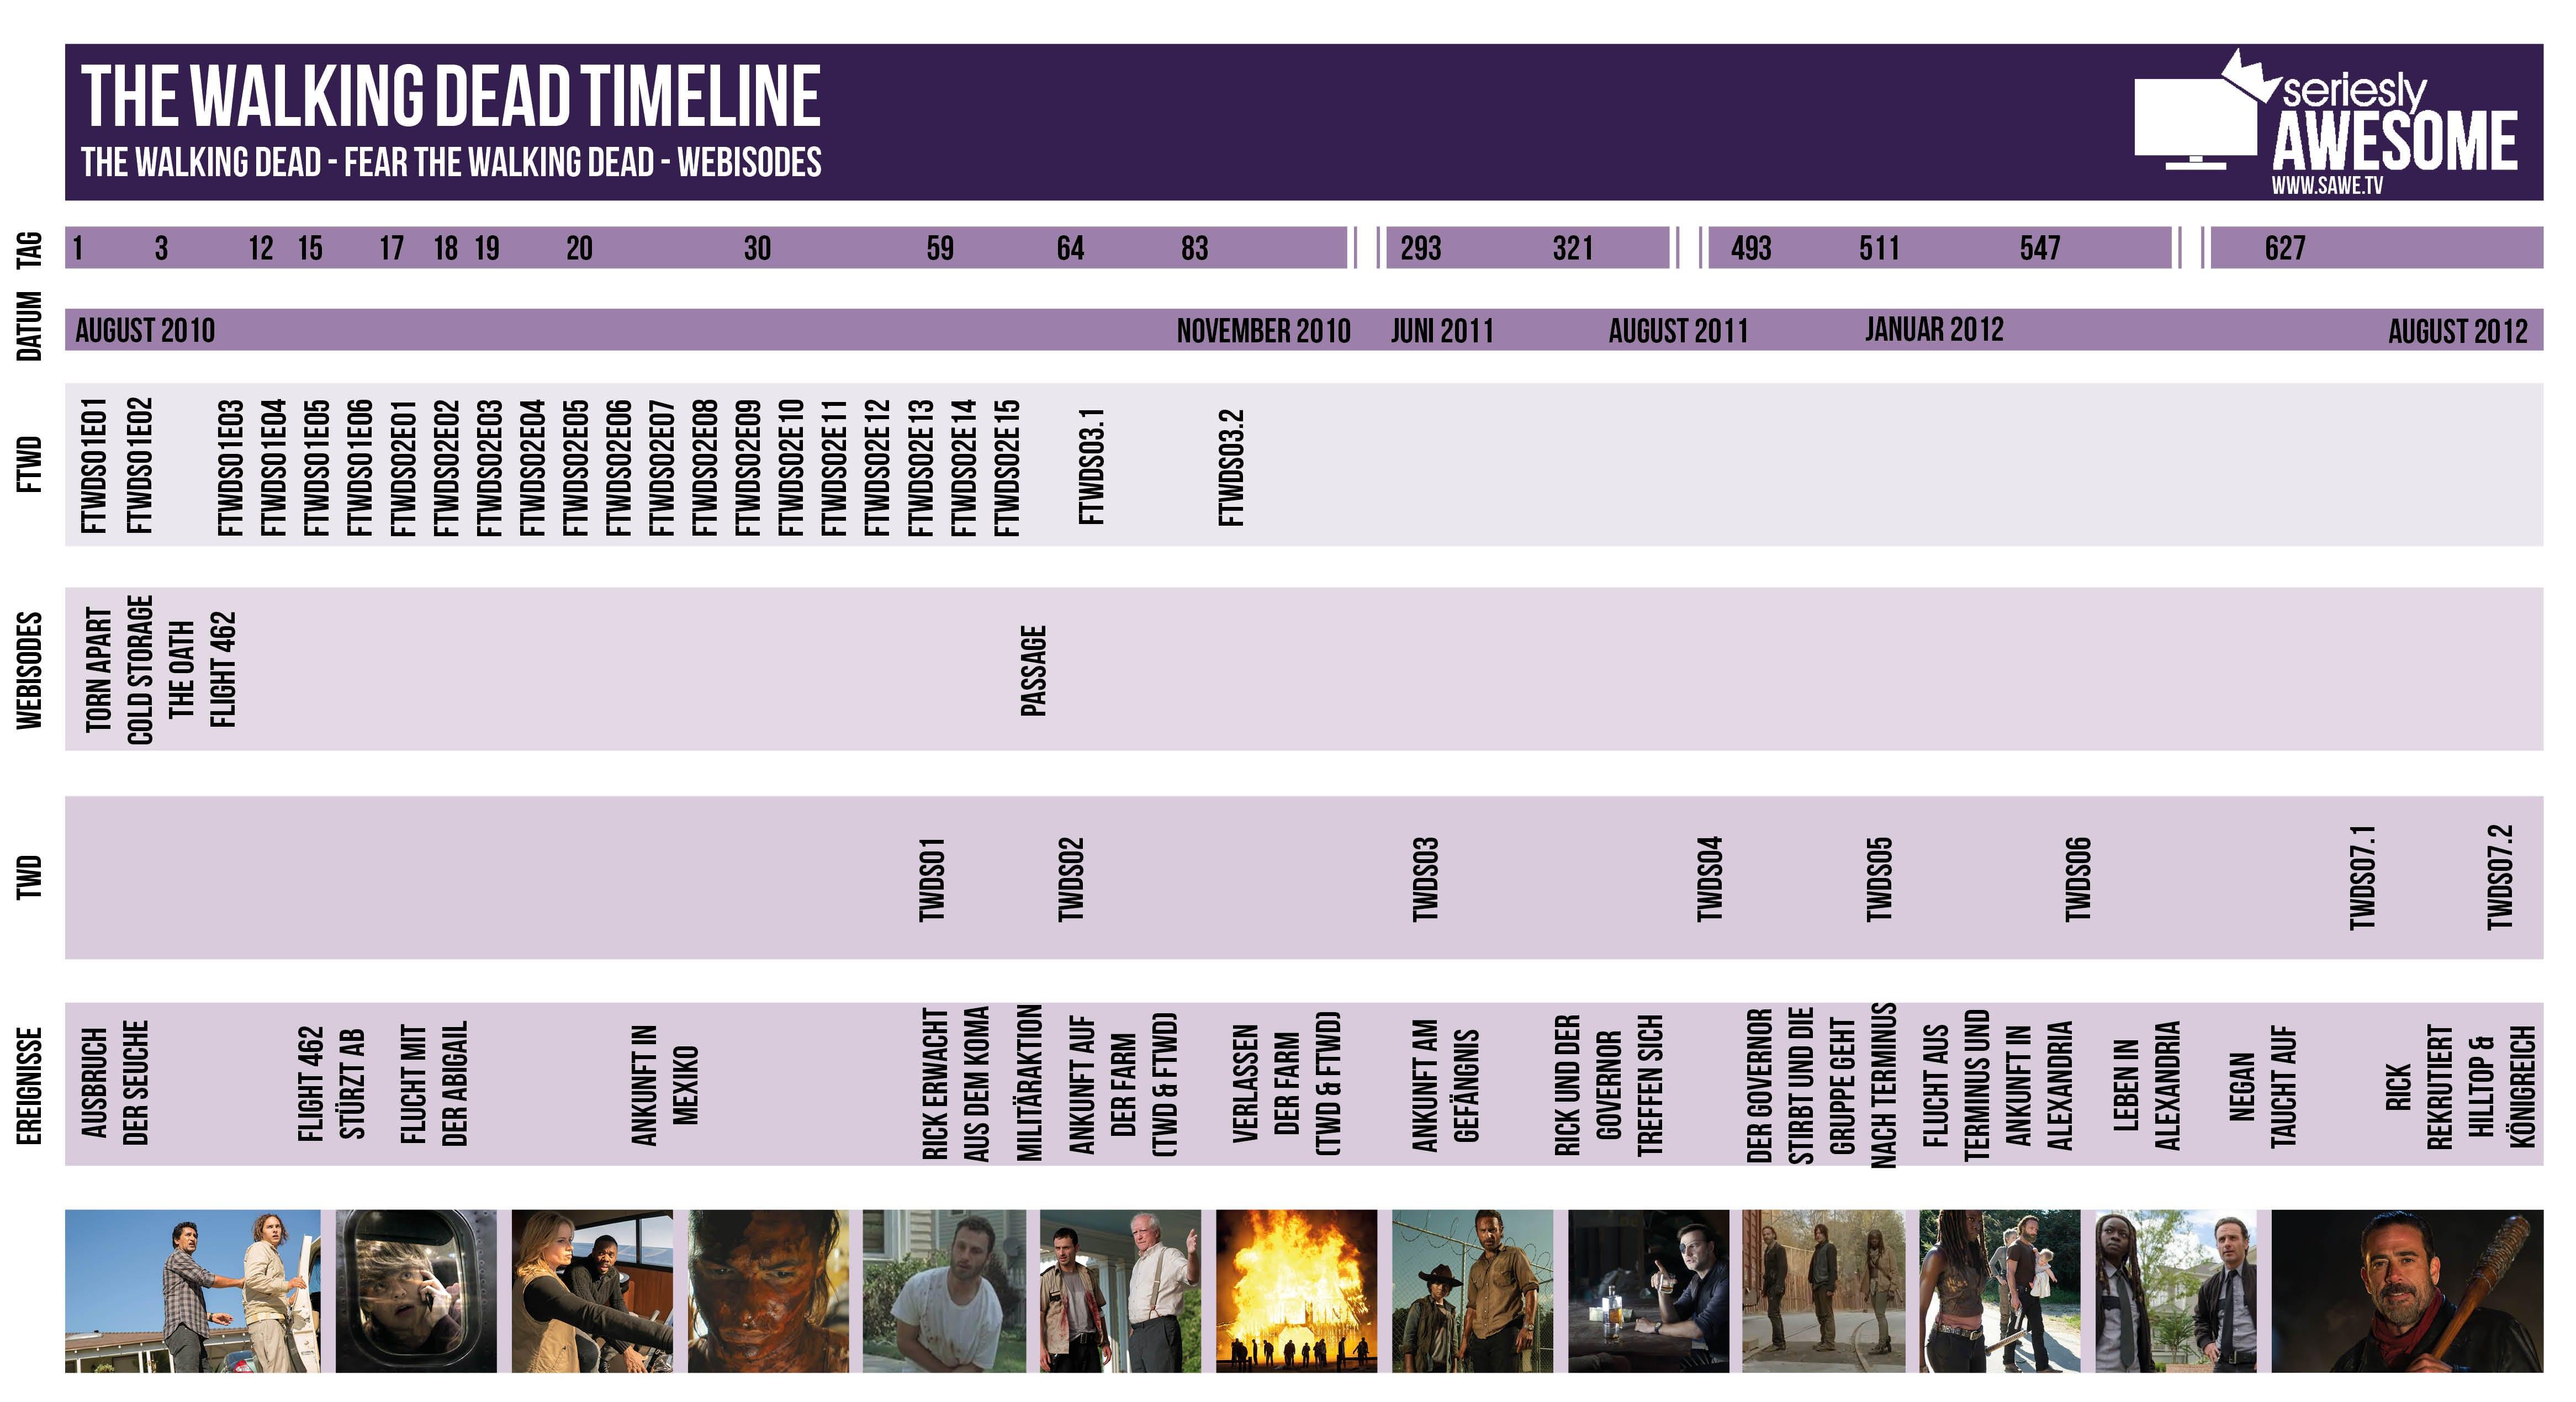 The Walking Dead Timeline: Serien und Webisodes in der richtigen ...